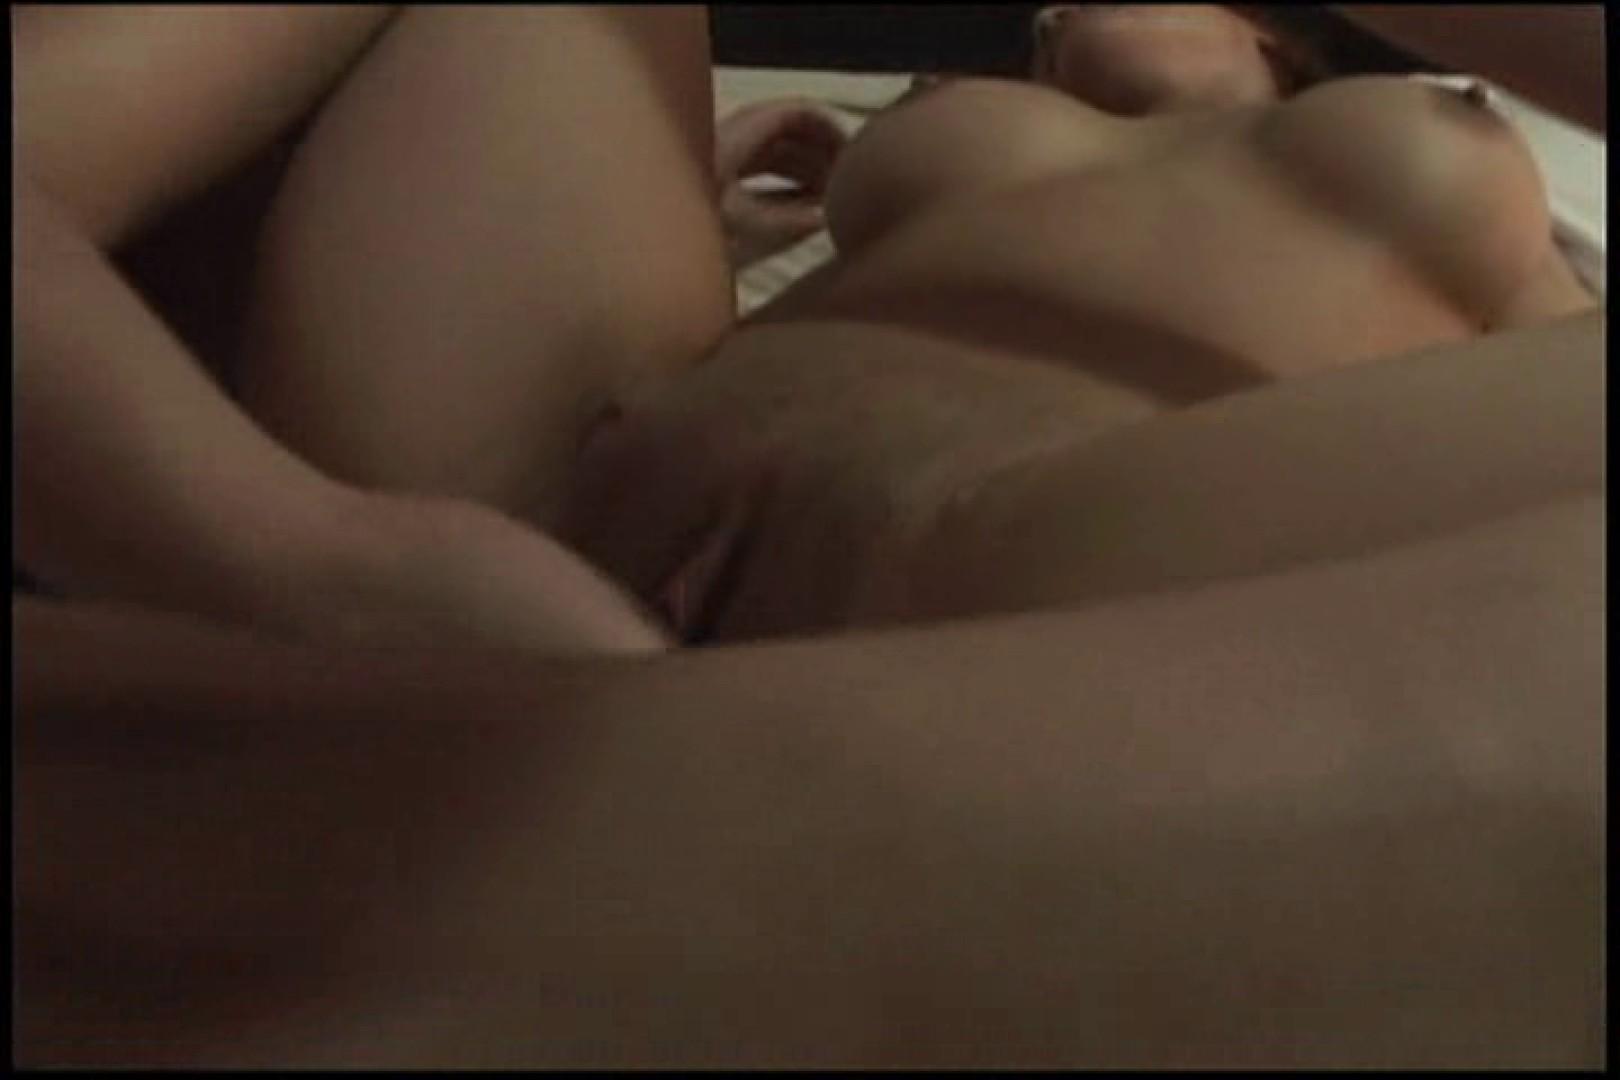 Hなフェロモン漂わせまくりな美人妻 佐々木薫子 喘ぎ エロ画像 73pic 70